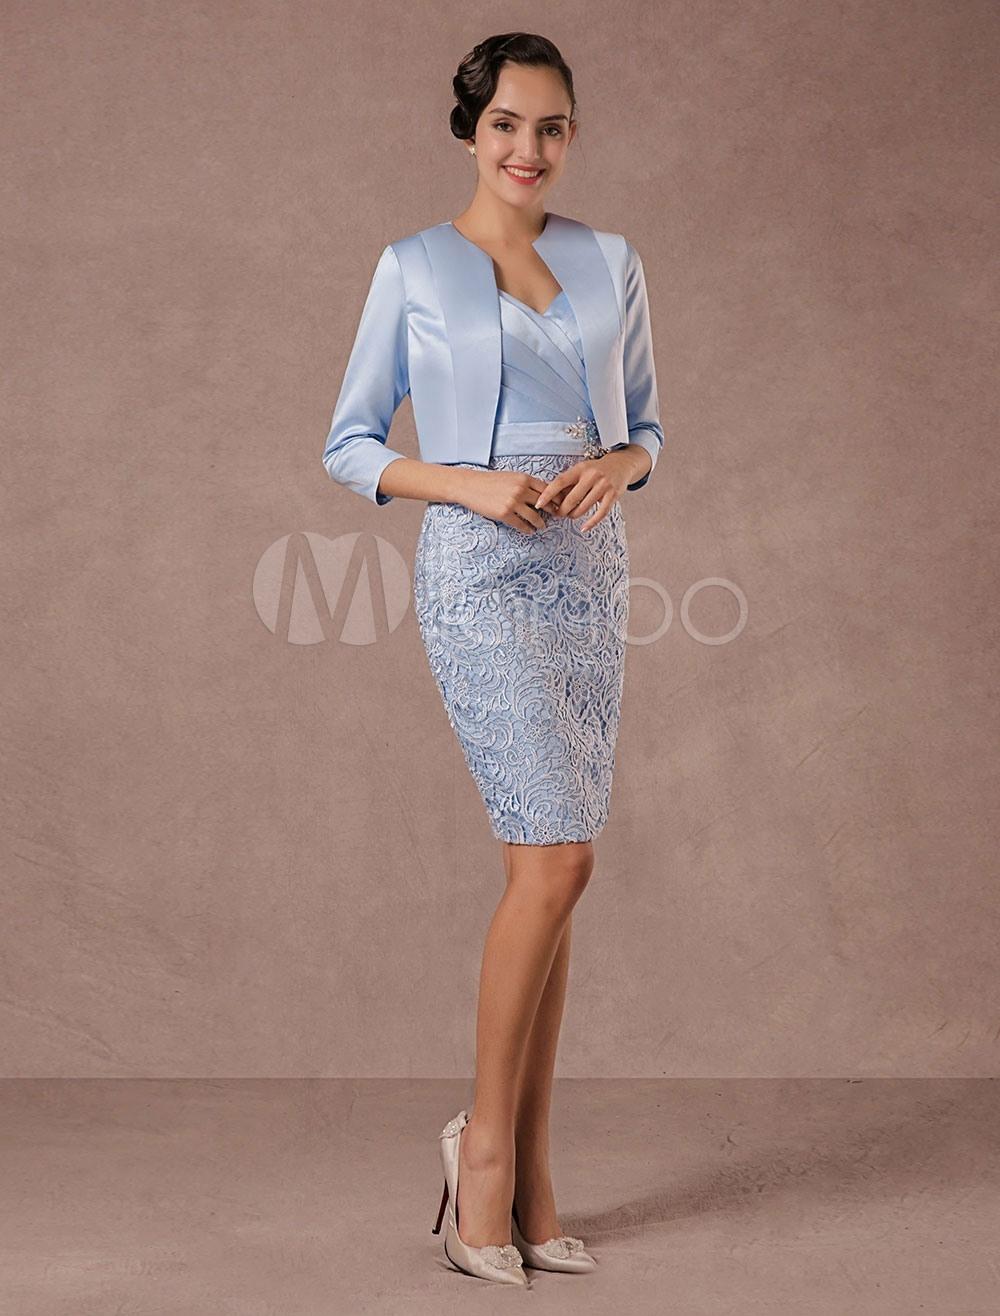 17 Fantastisch Schicke Kleider Für Eine Hochzeit Ärmel17 Luxus Schicke Kleider Für Eine Hochzeit Boutique